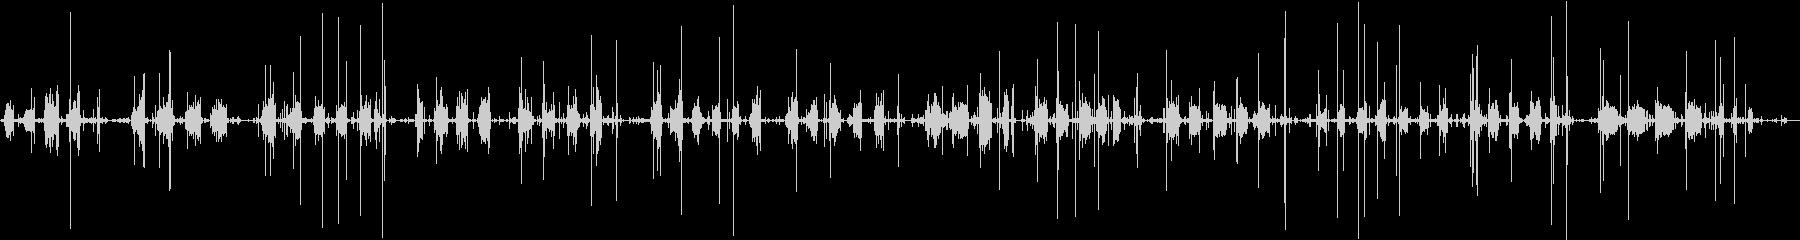 ゆっくりと紙をビリビリちぎる音を収録の未再生の波形